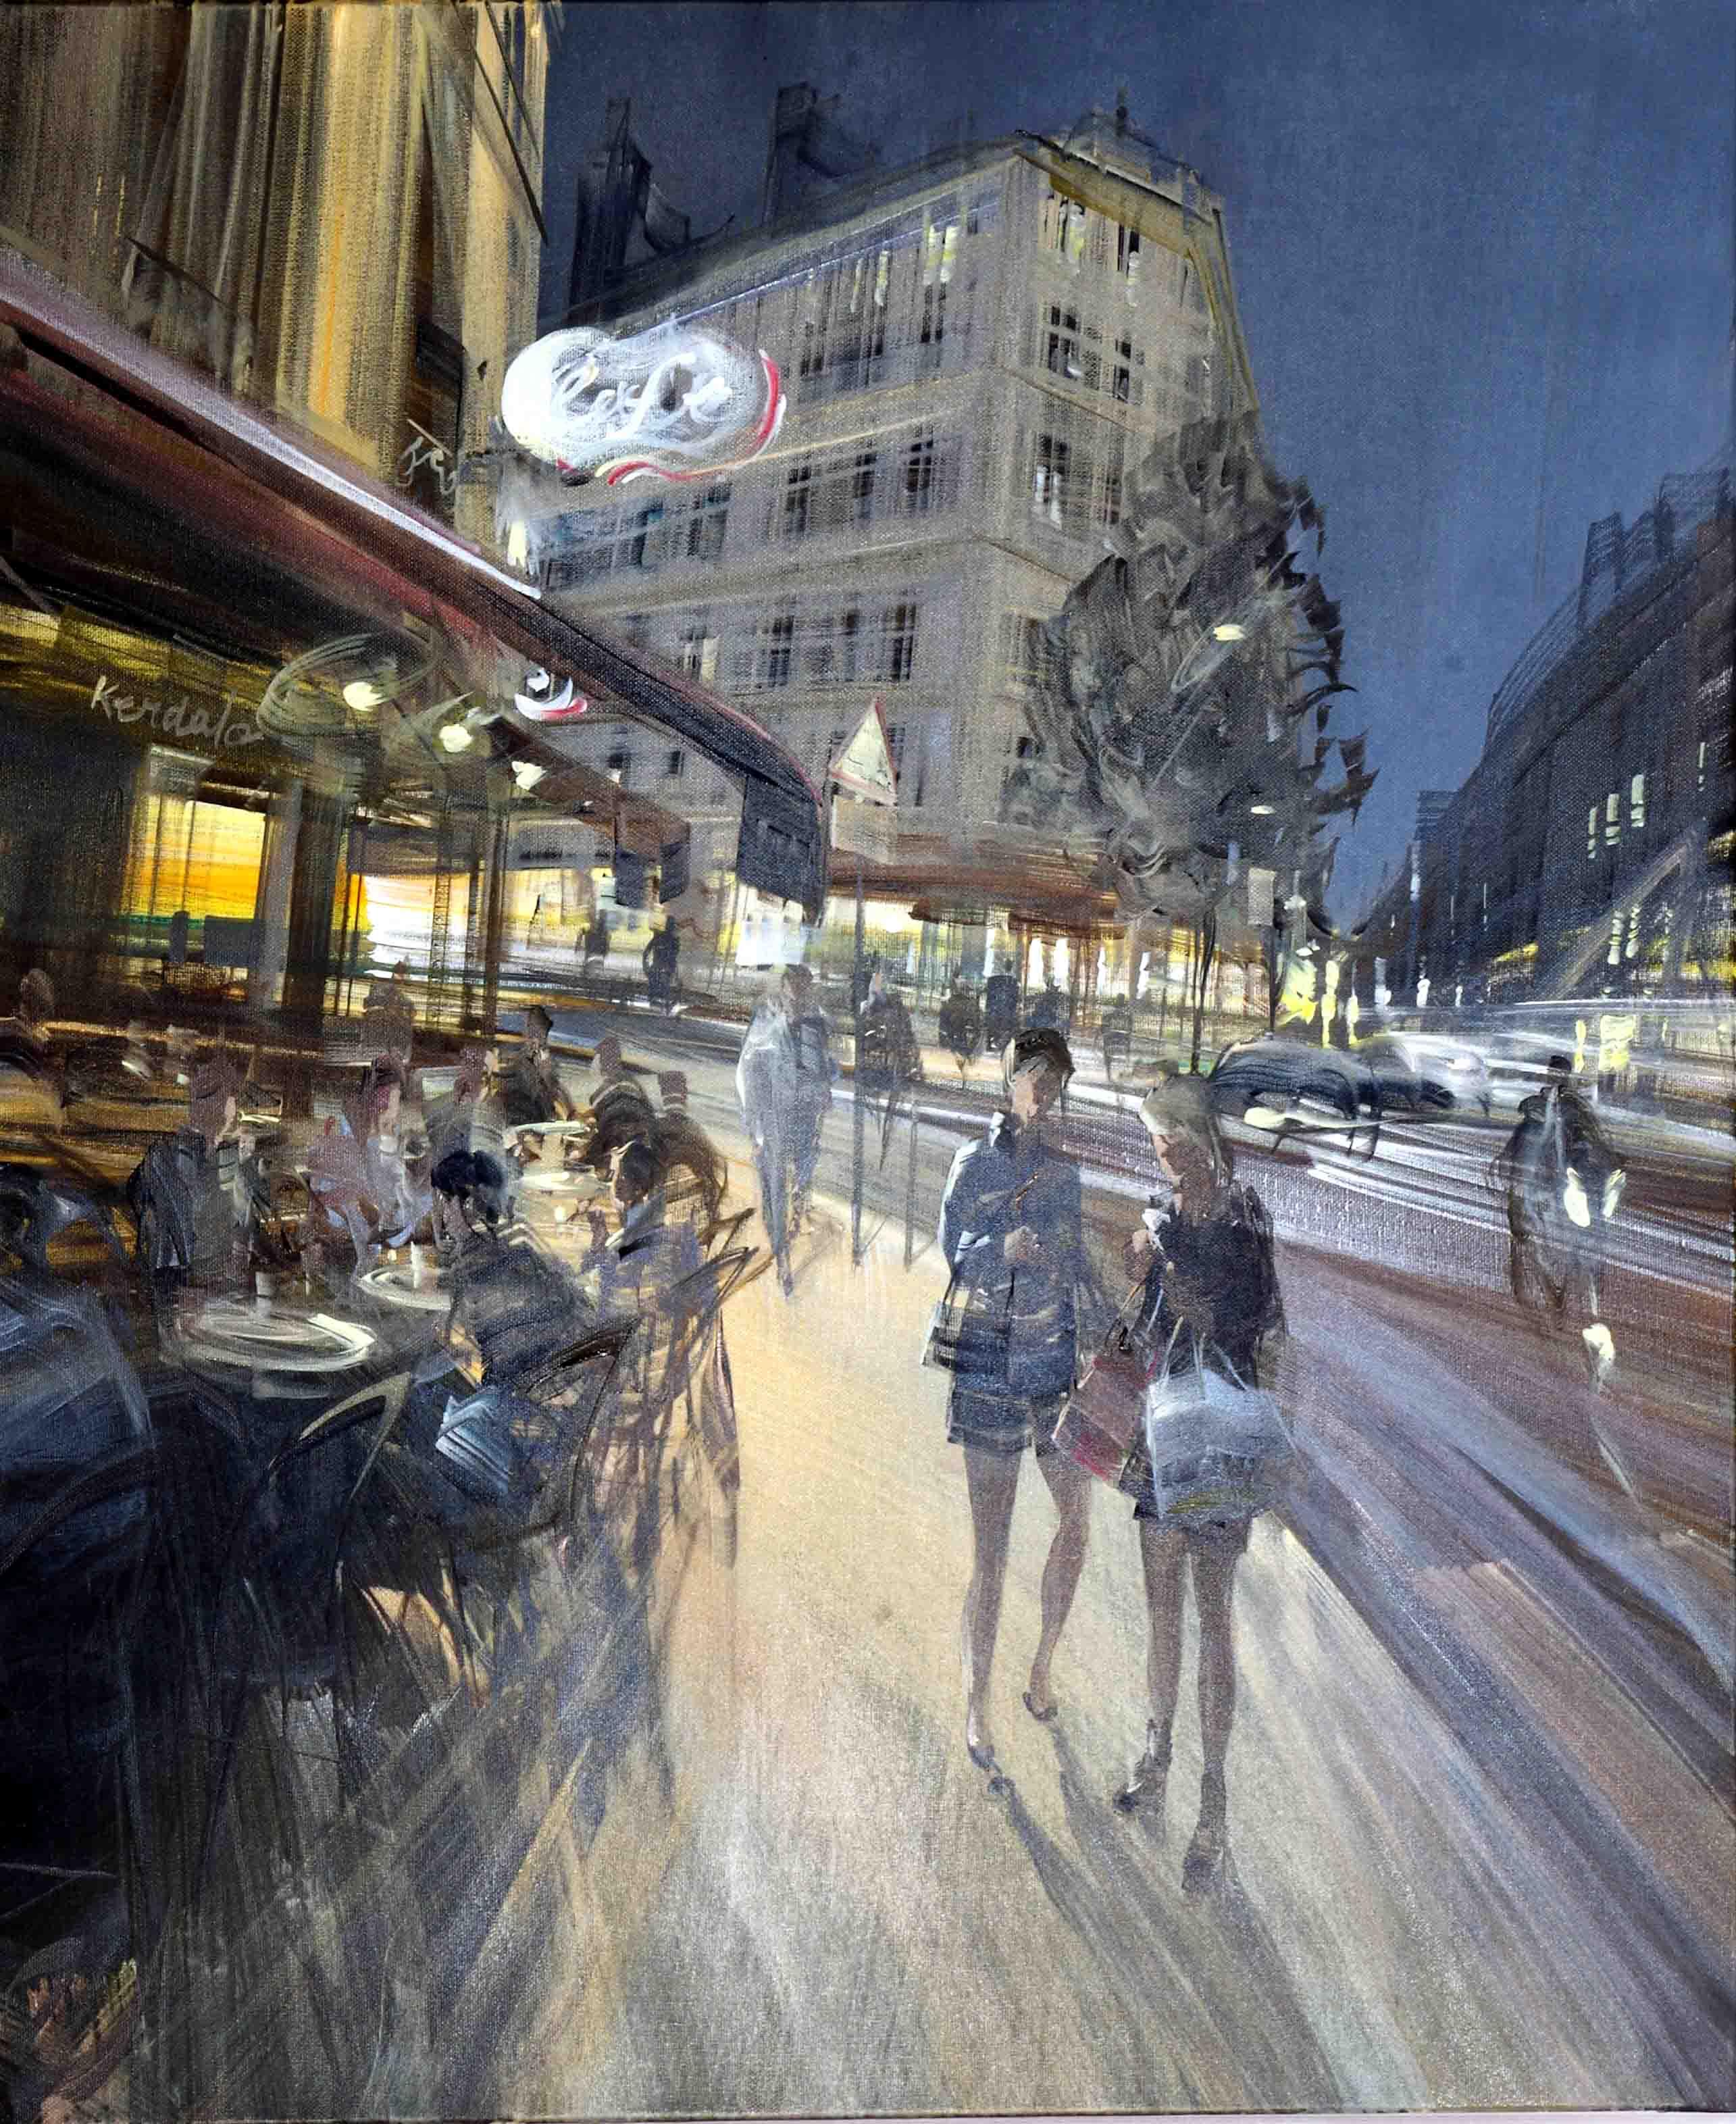 kerdalo toile peinture café de bucci paris 5eme